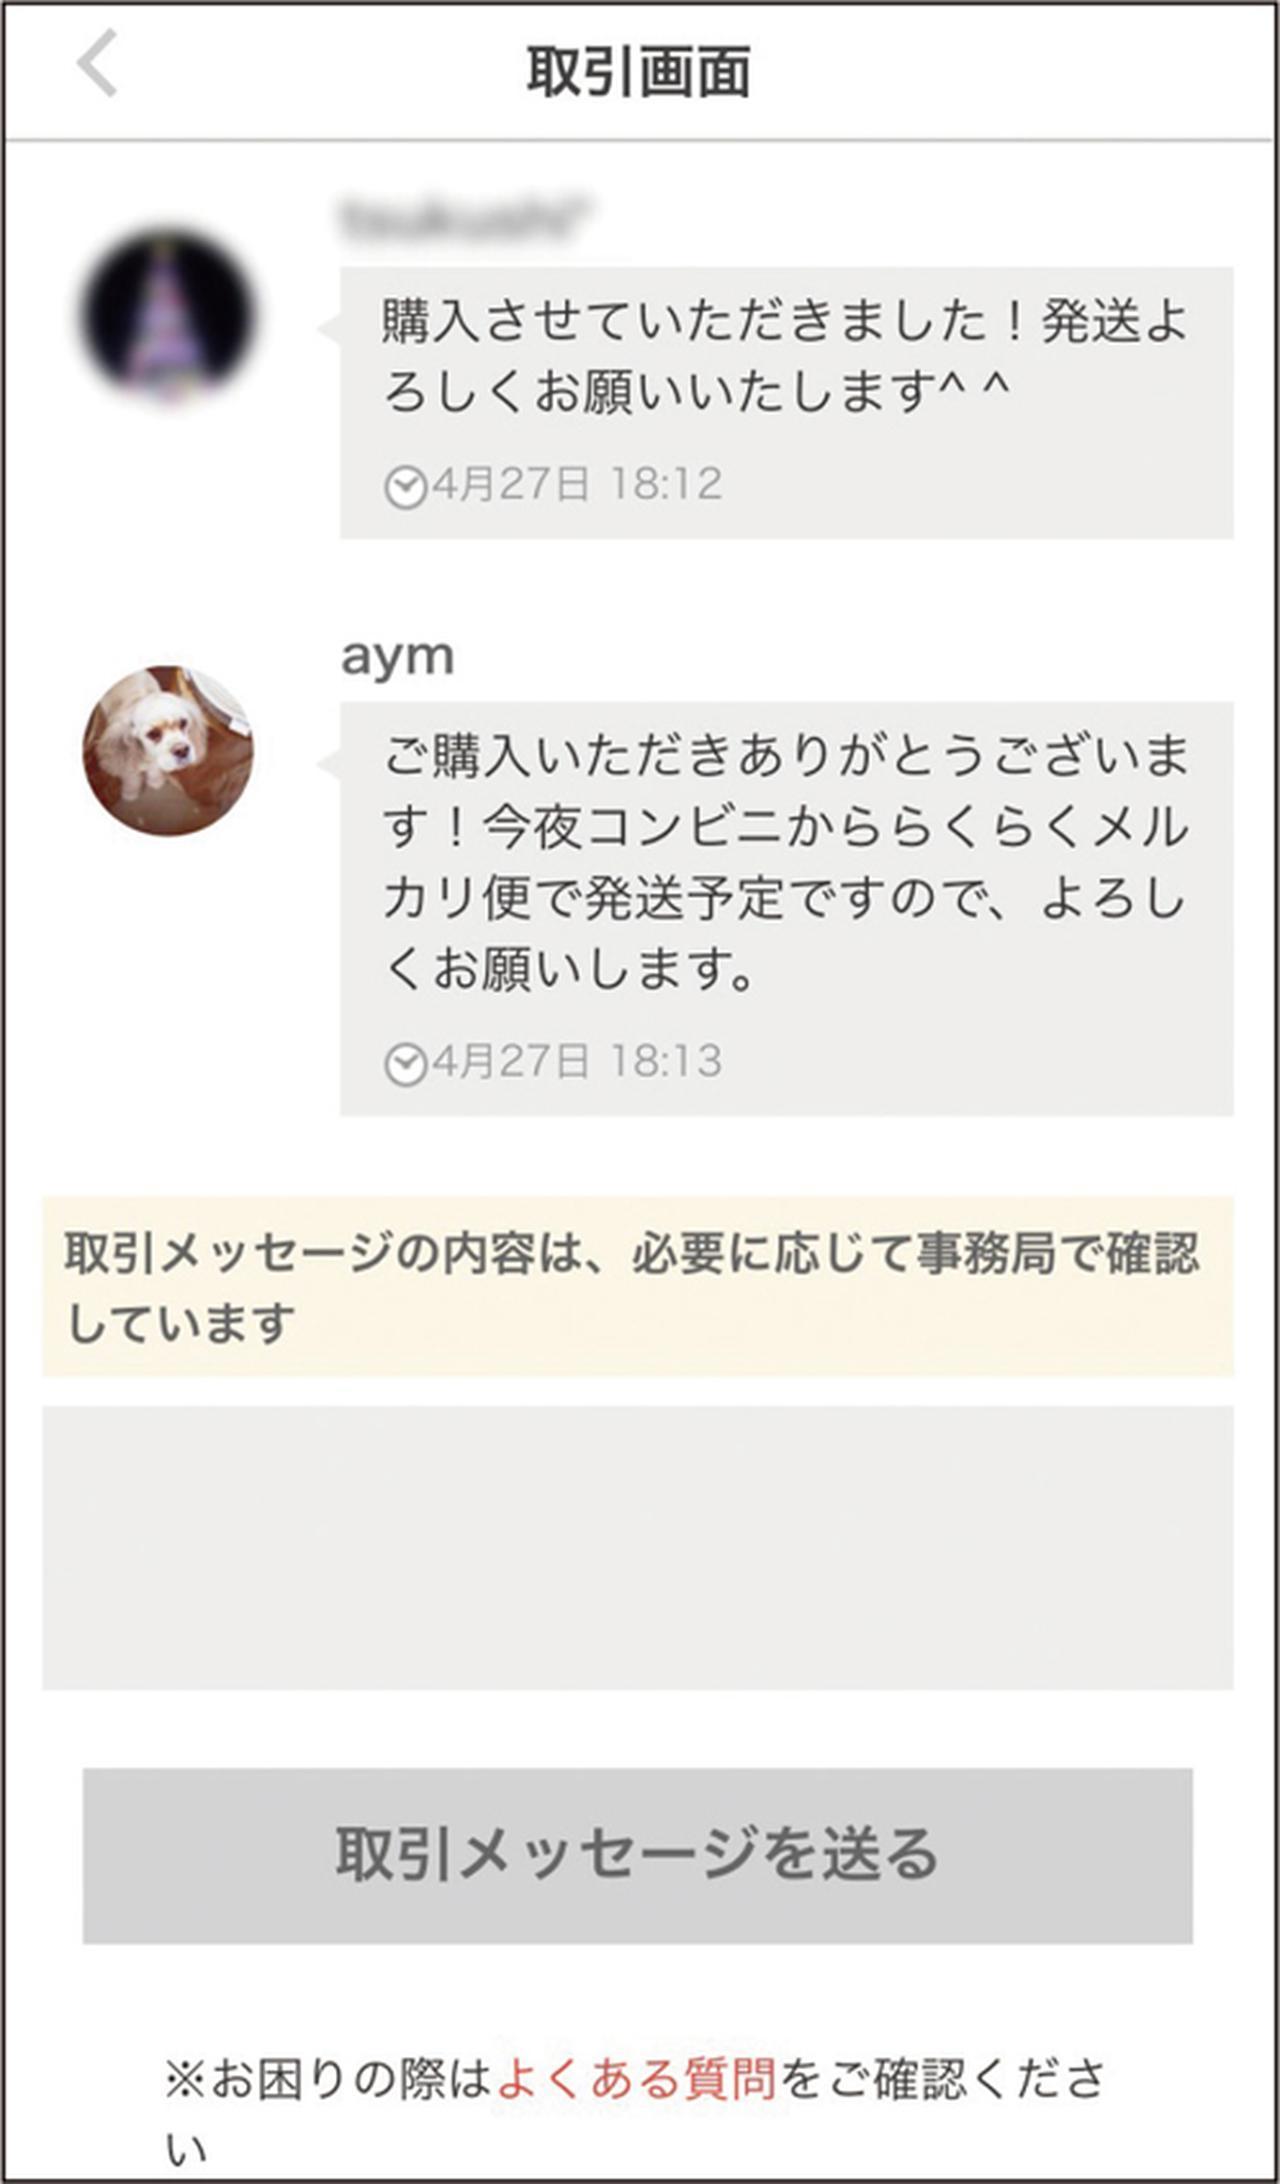 画像: 取り引き中は、アプリ内でメッセージのやり取りが行える。発送状況などを伝えるのに活用しよう。